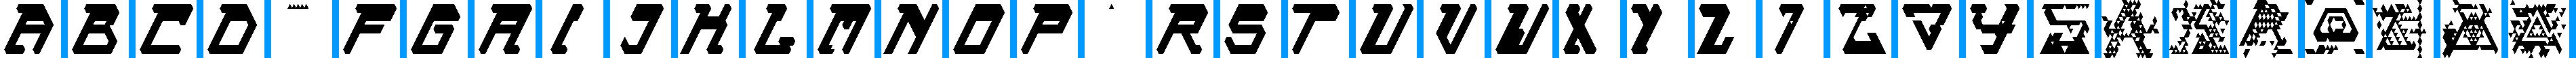 Particip-a-type v.224